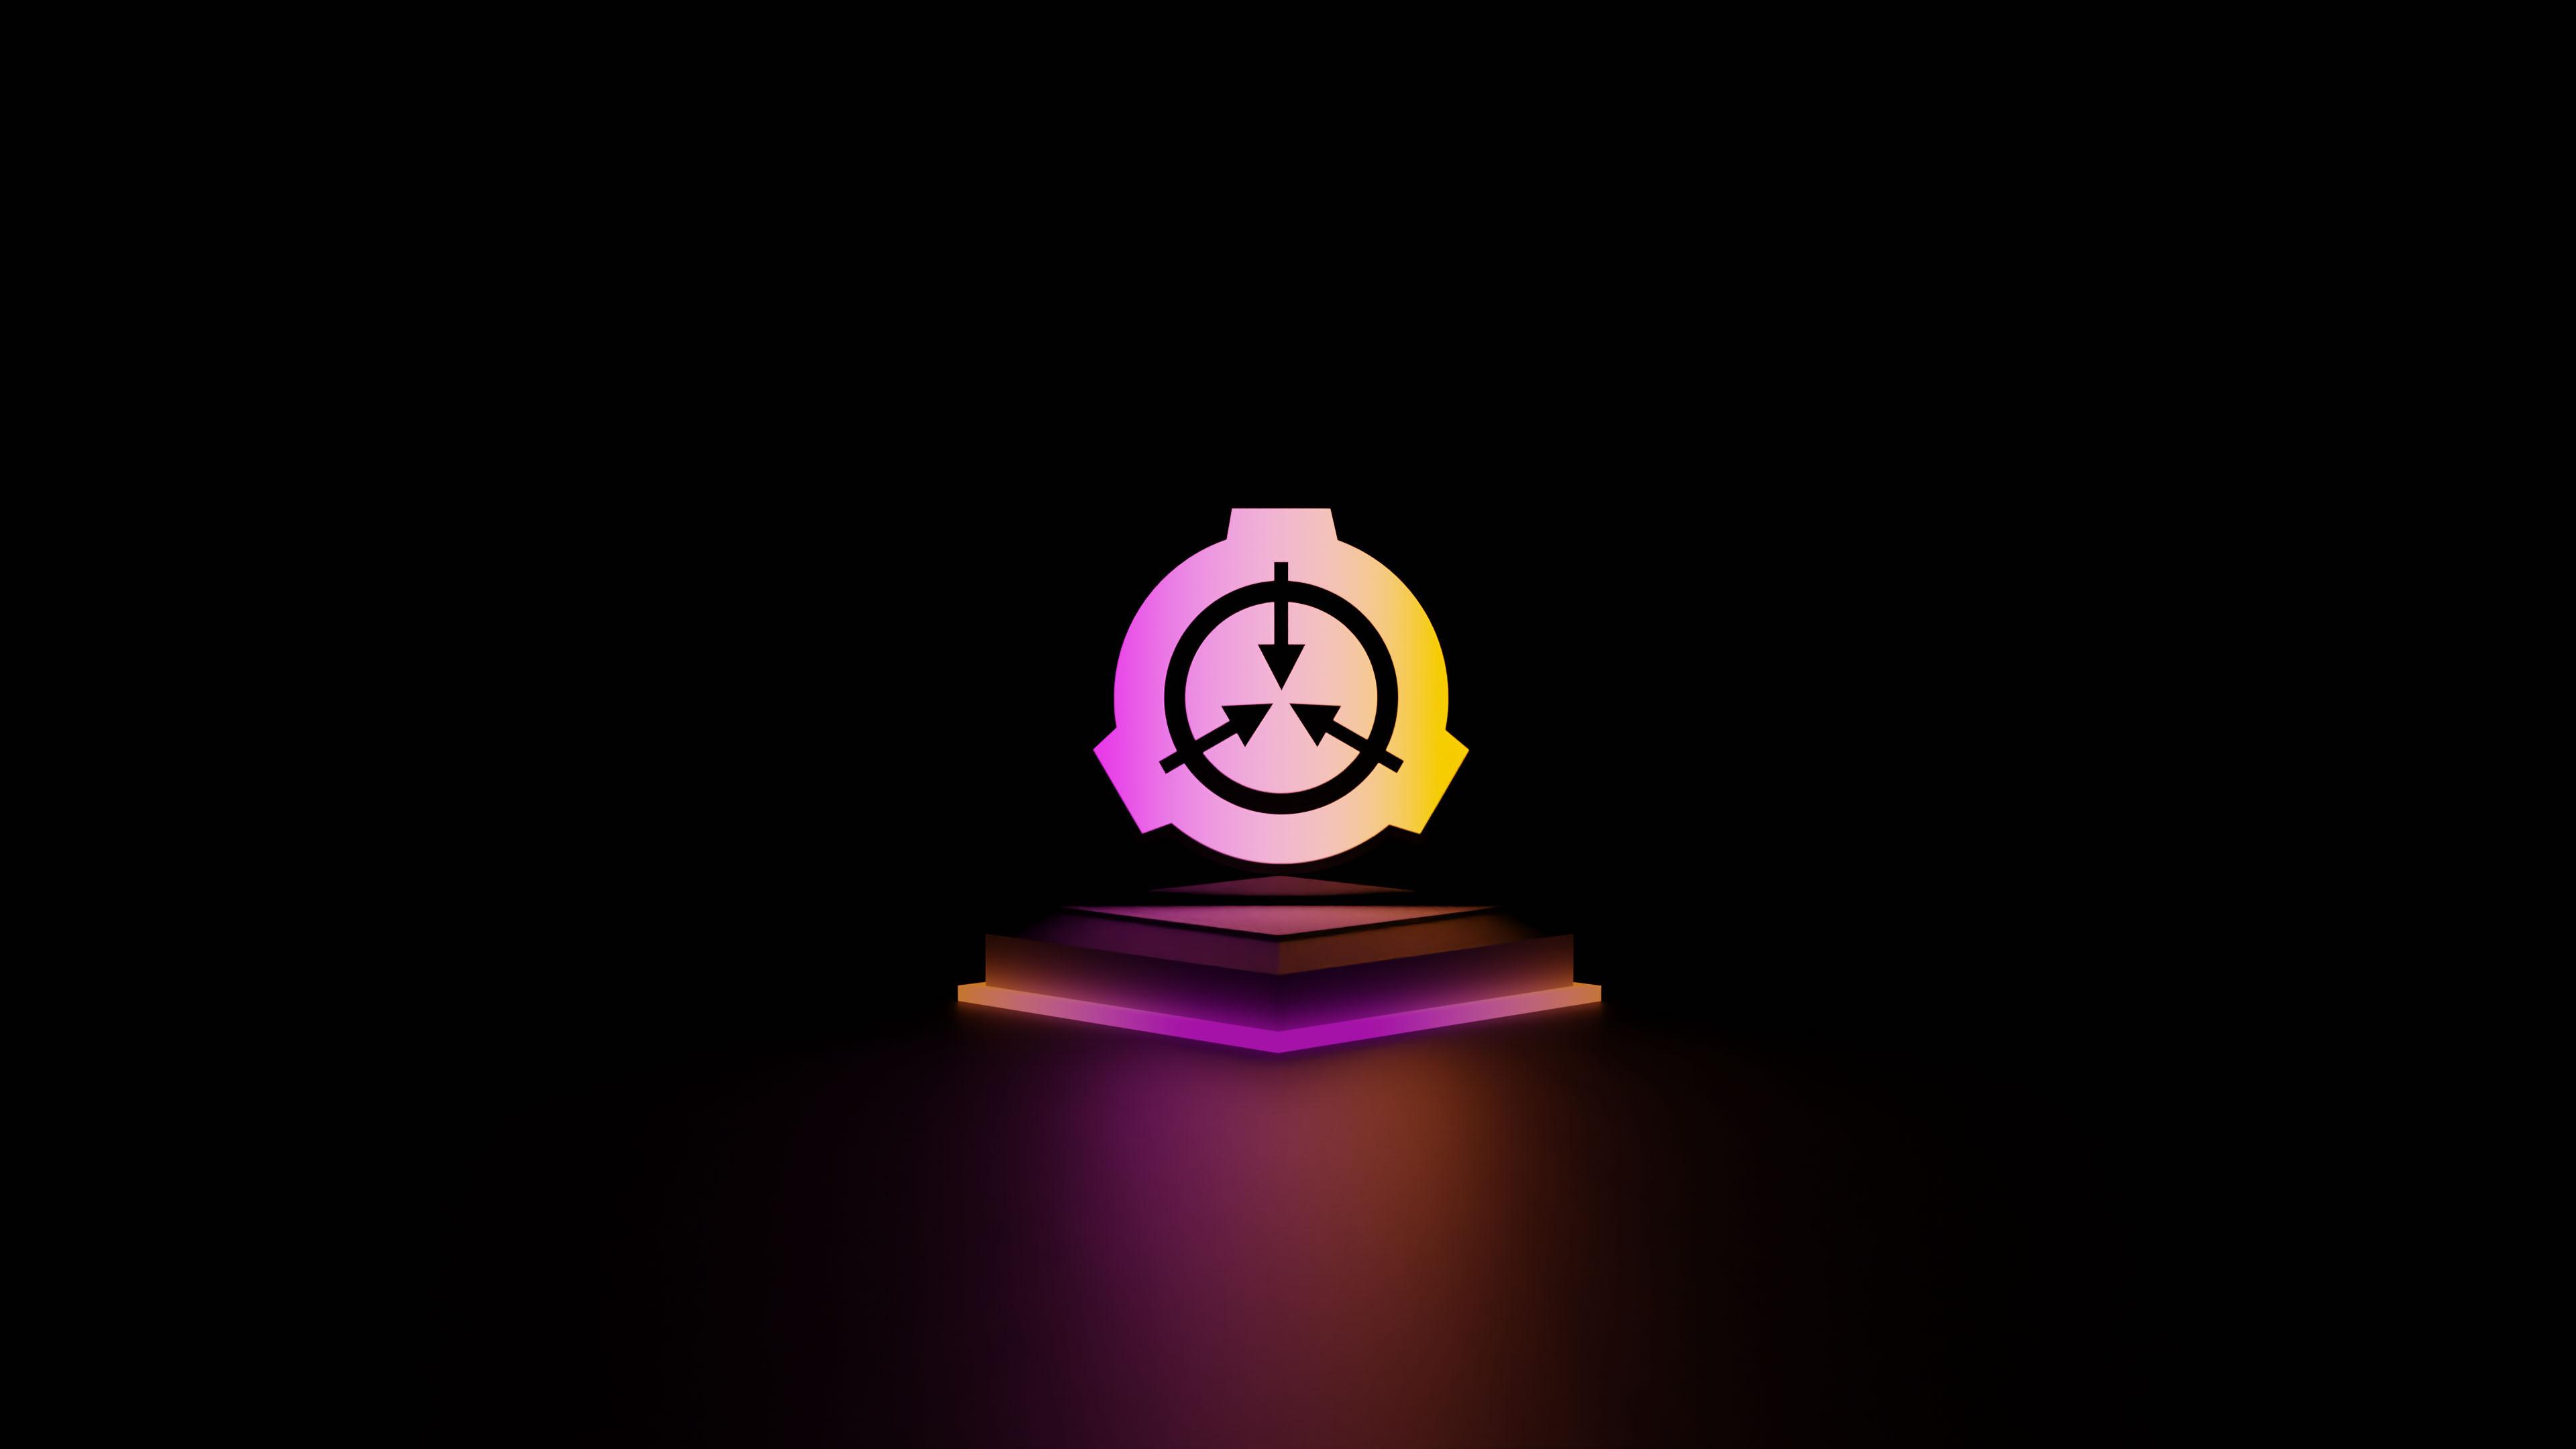 Neon%20outrun%20podium.jpg